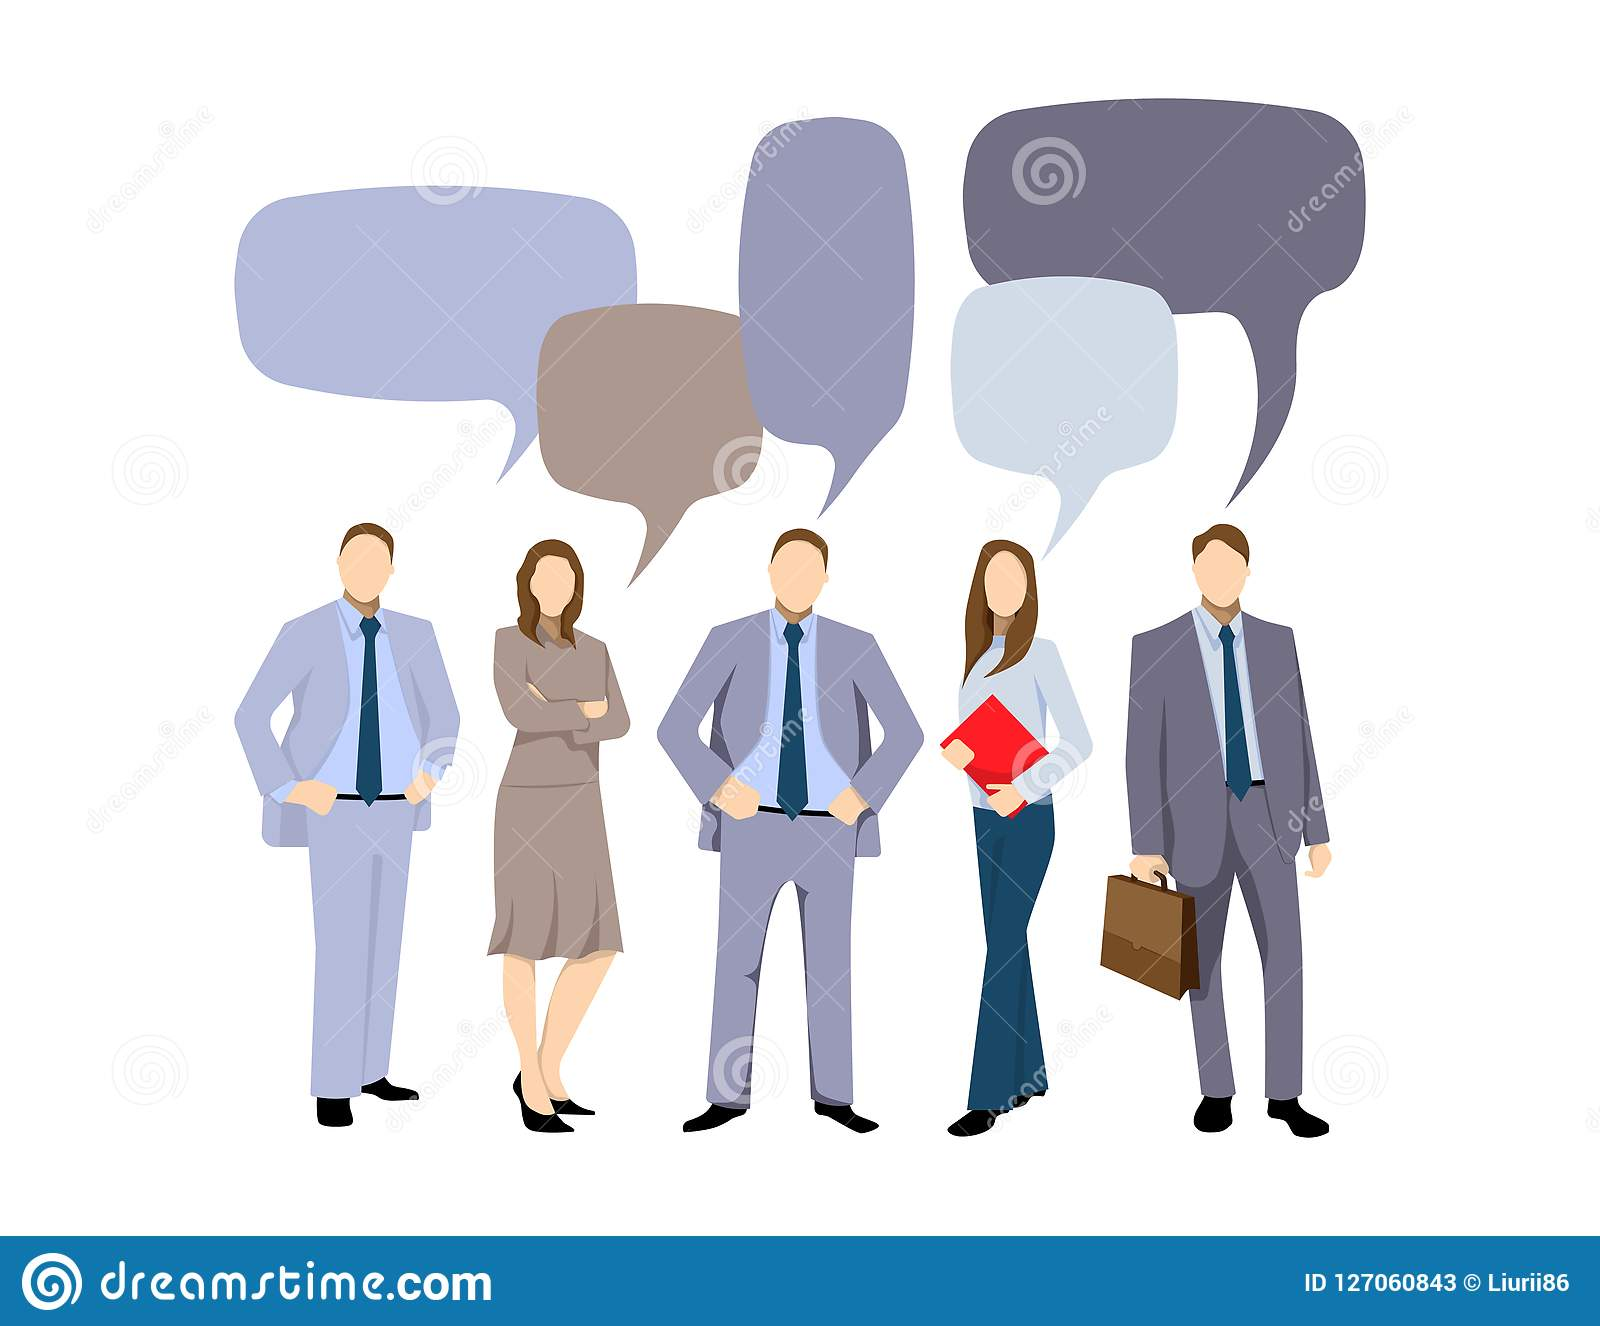 A discussão do negócio, homens de negócio discute a rede social, notícia, redes sociais, bate-papo, bolhas do discurso do diálogo